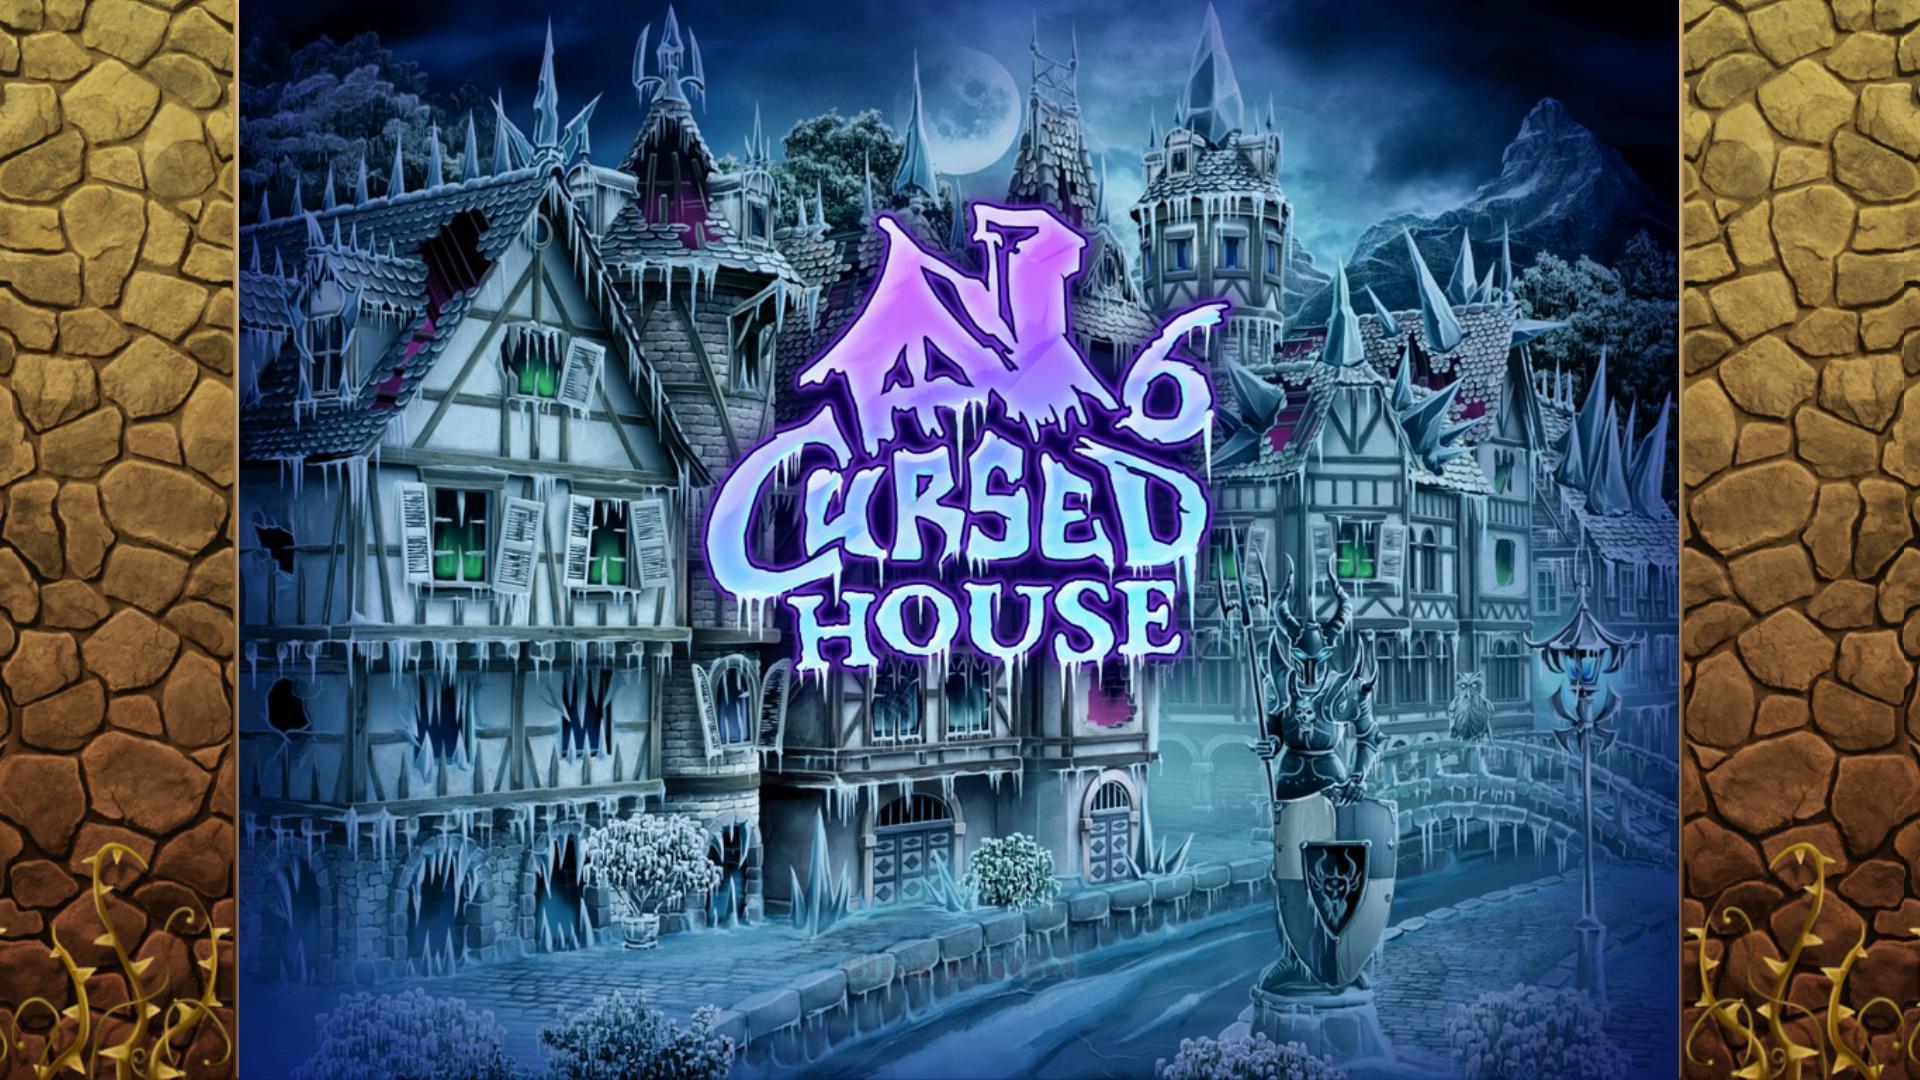 Проклятый дом 6 | Cursed House 6 (En)